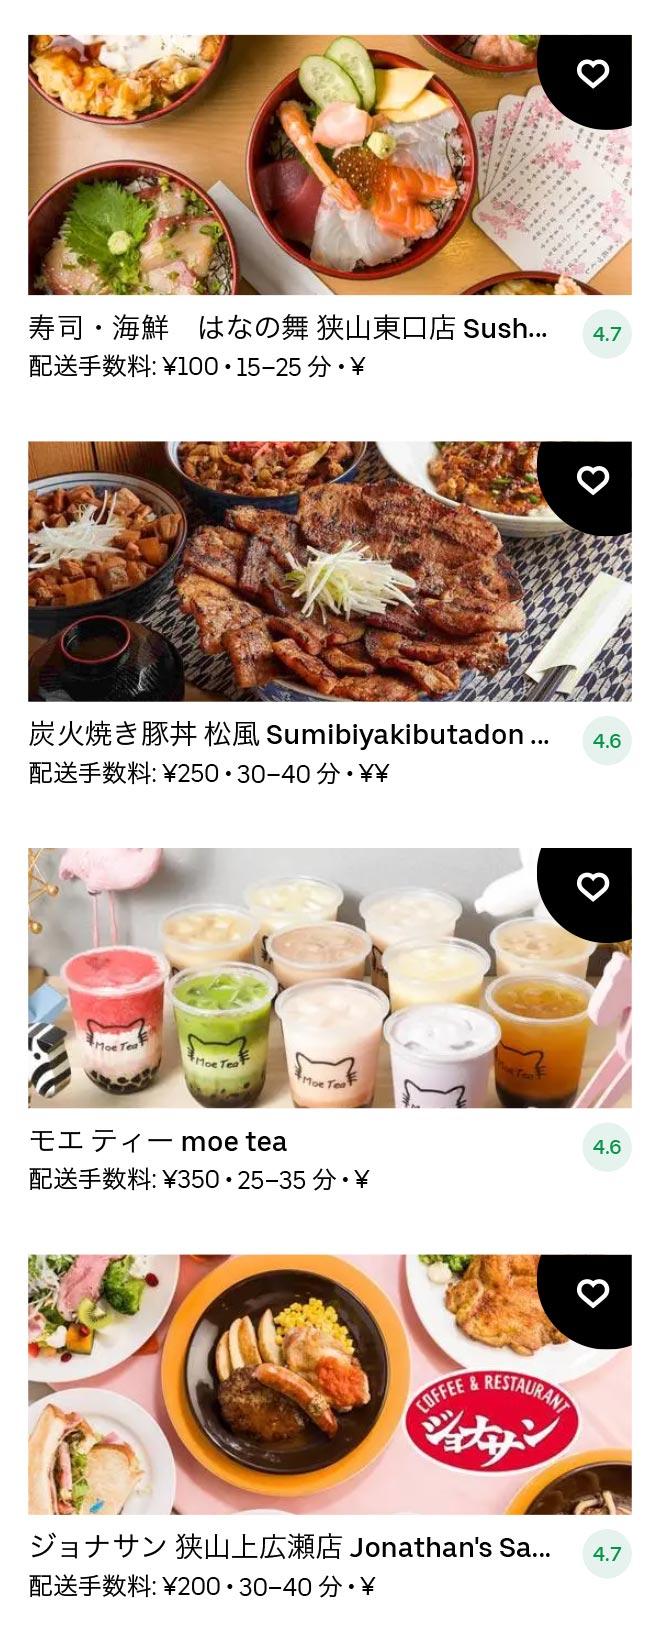 Sayama menu 2102 04